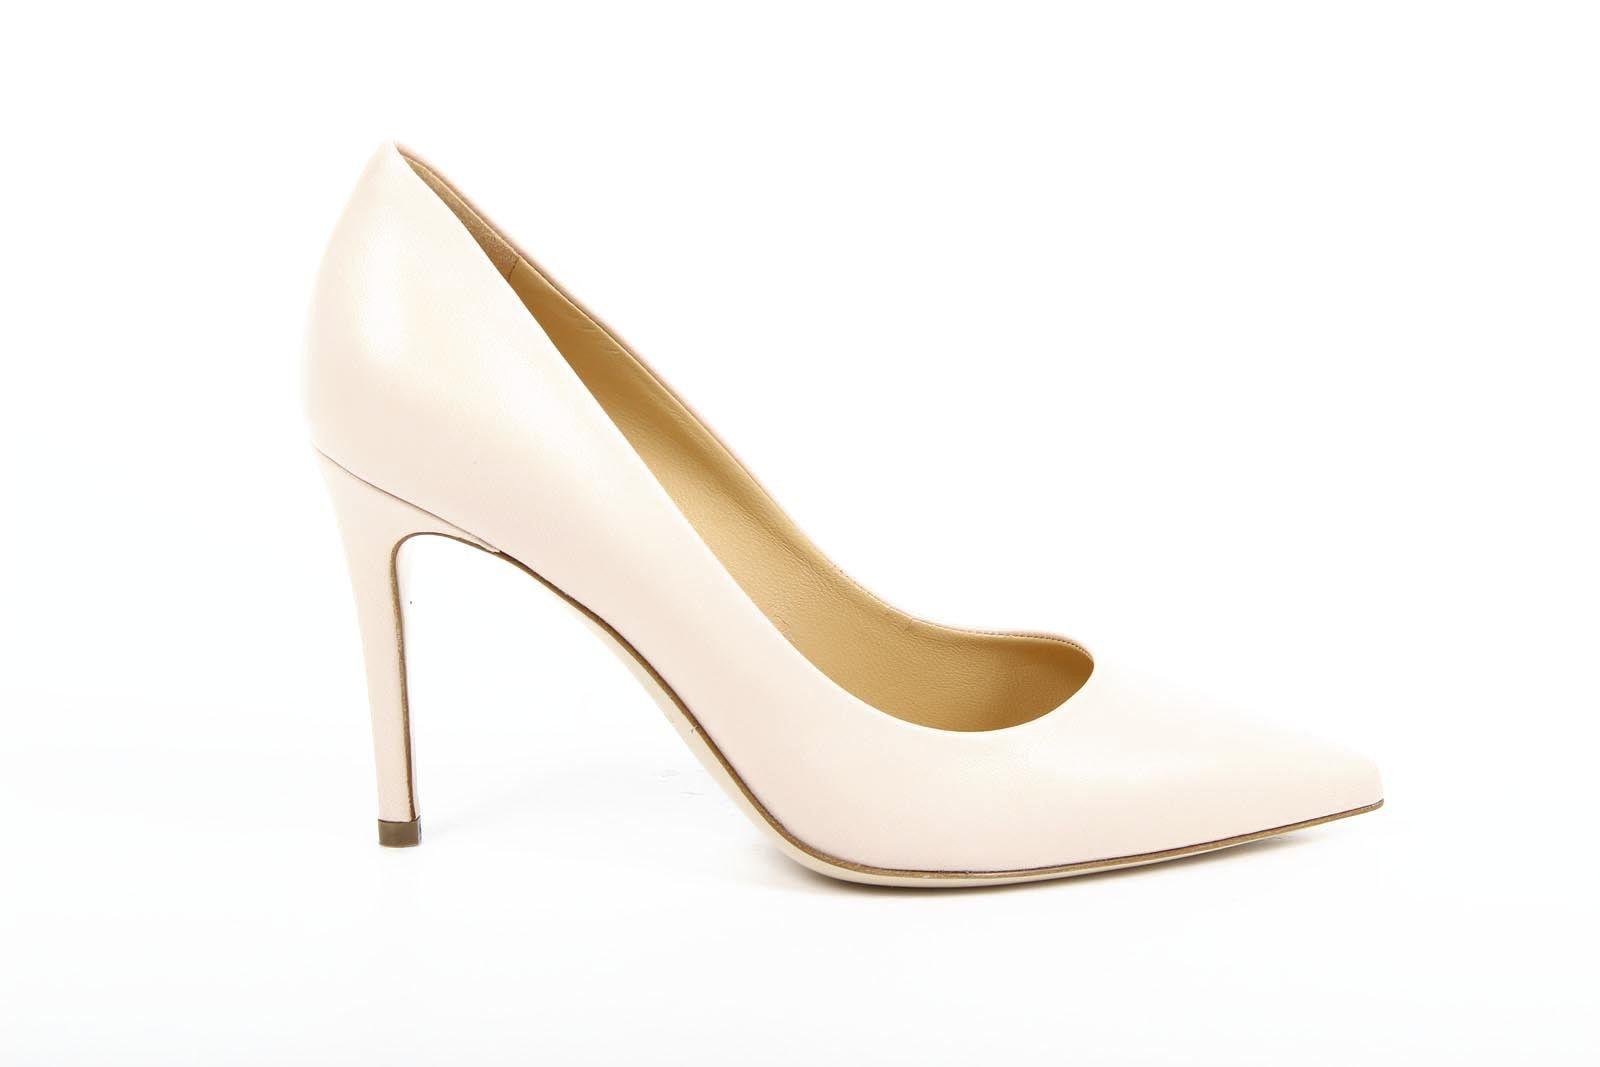 Versace 19.69 Abbigliamento Sportivo Milano ladies pump 29203 NAPPA CIPRIA